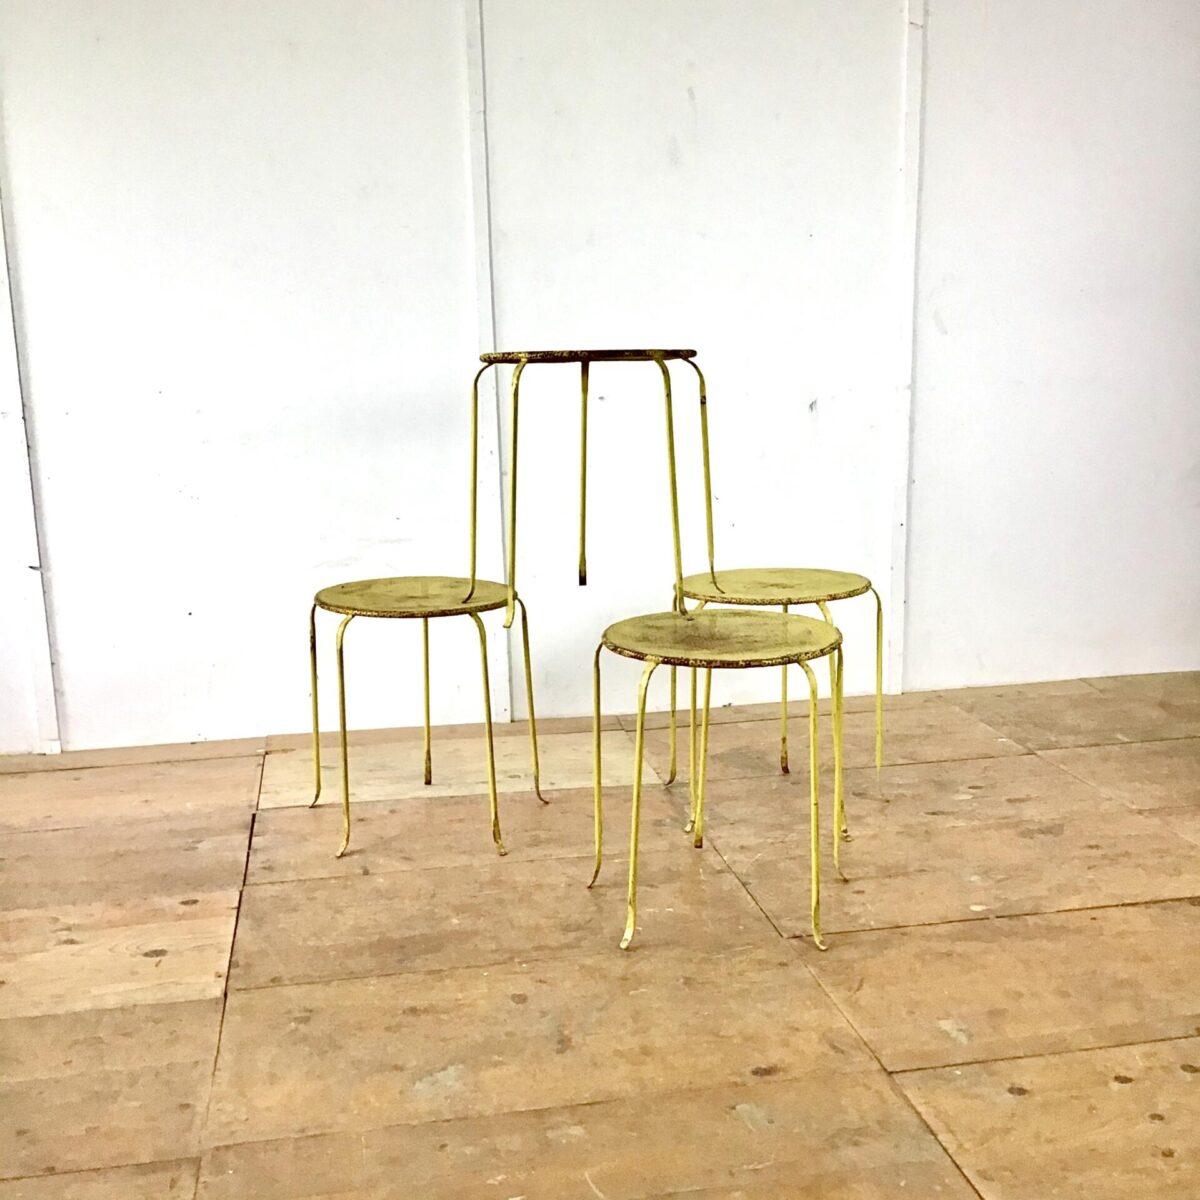 Vier Metall Gartentische Durchmesser 46cm Höhe 54cm. Filigrane Beine nicht allzu belastbar. Aber als Blumen Tischli, Kaffeetisch oder für dekoratives gut geeignet.